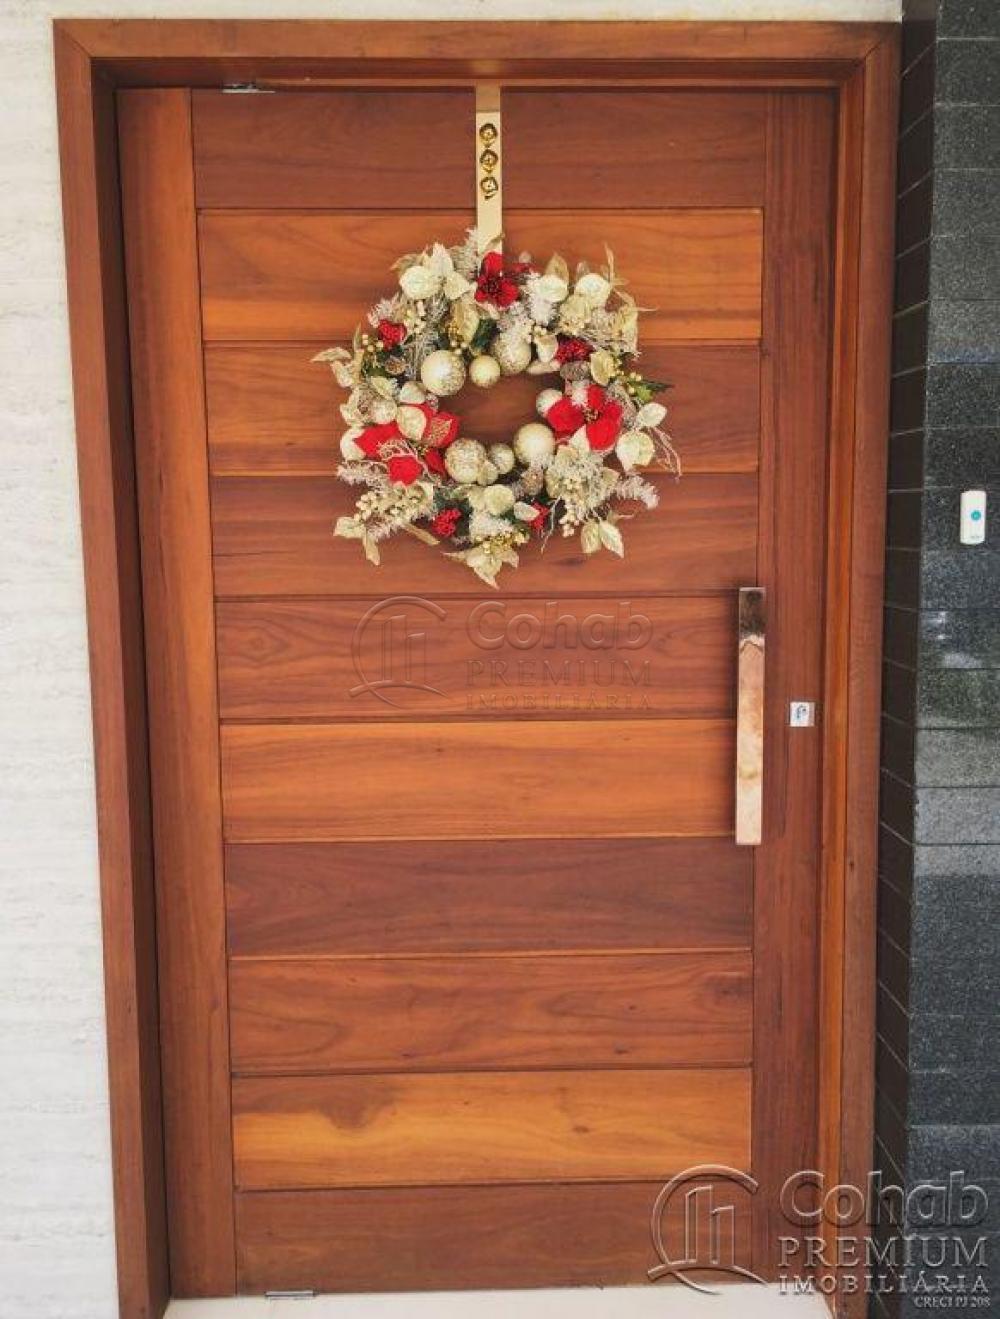 Comprar Casa / Condomínio em Aracaju apenas R$ 2.250.000,00 - Foto 12